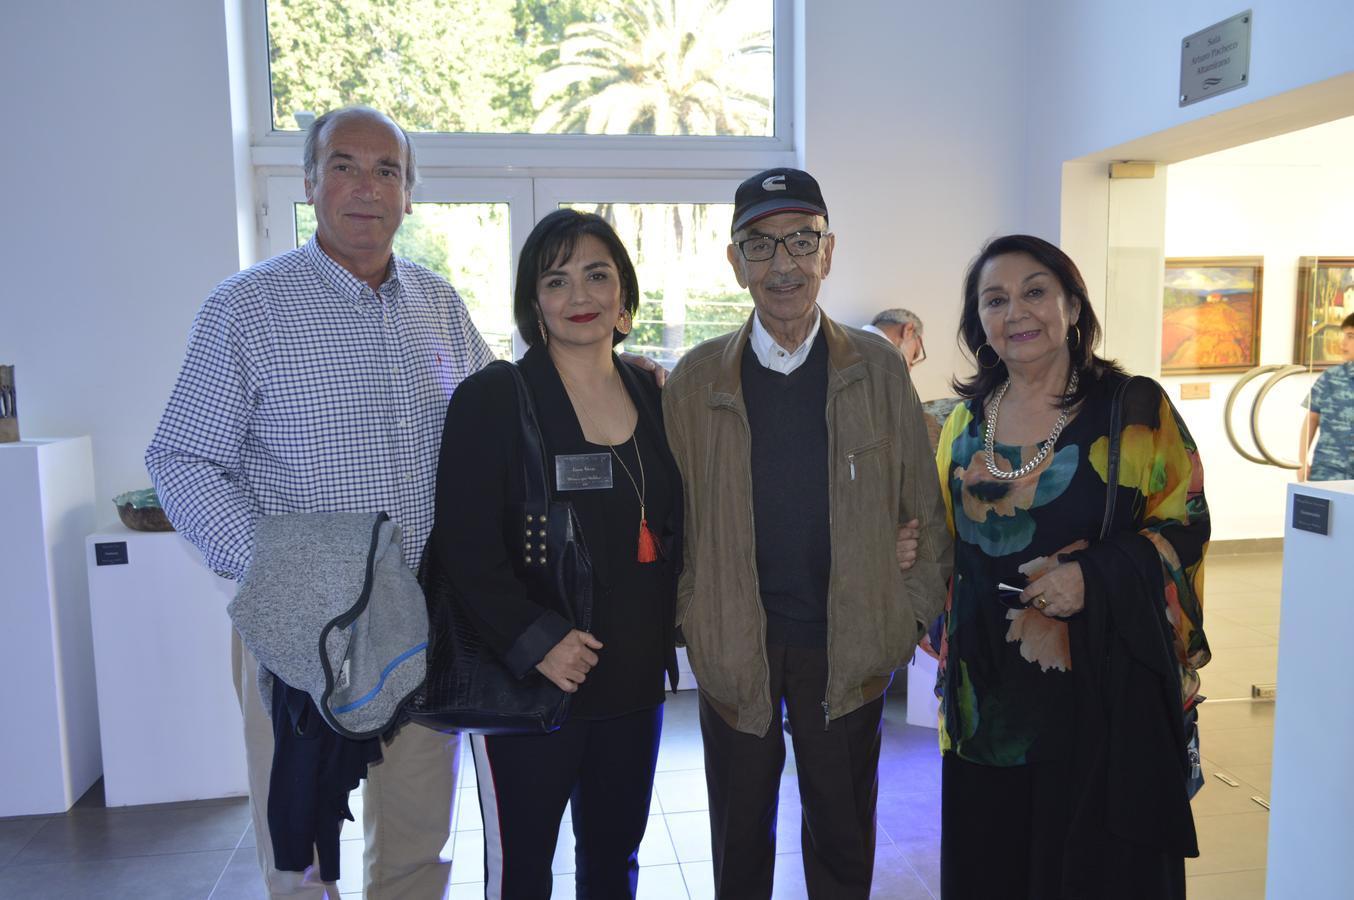 Rodrigo Ponzini, Ema Vera, Francisco Vera y Maruja Castro